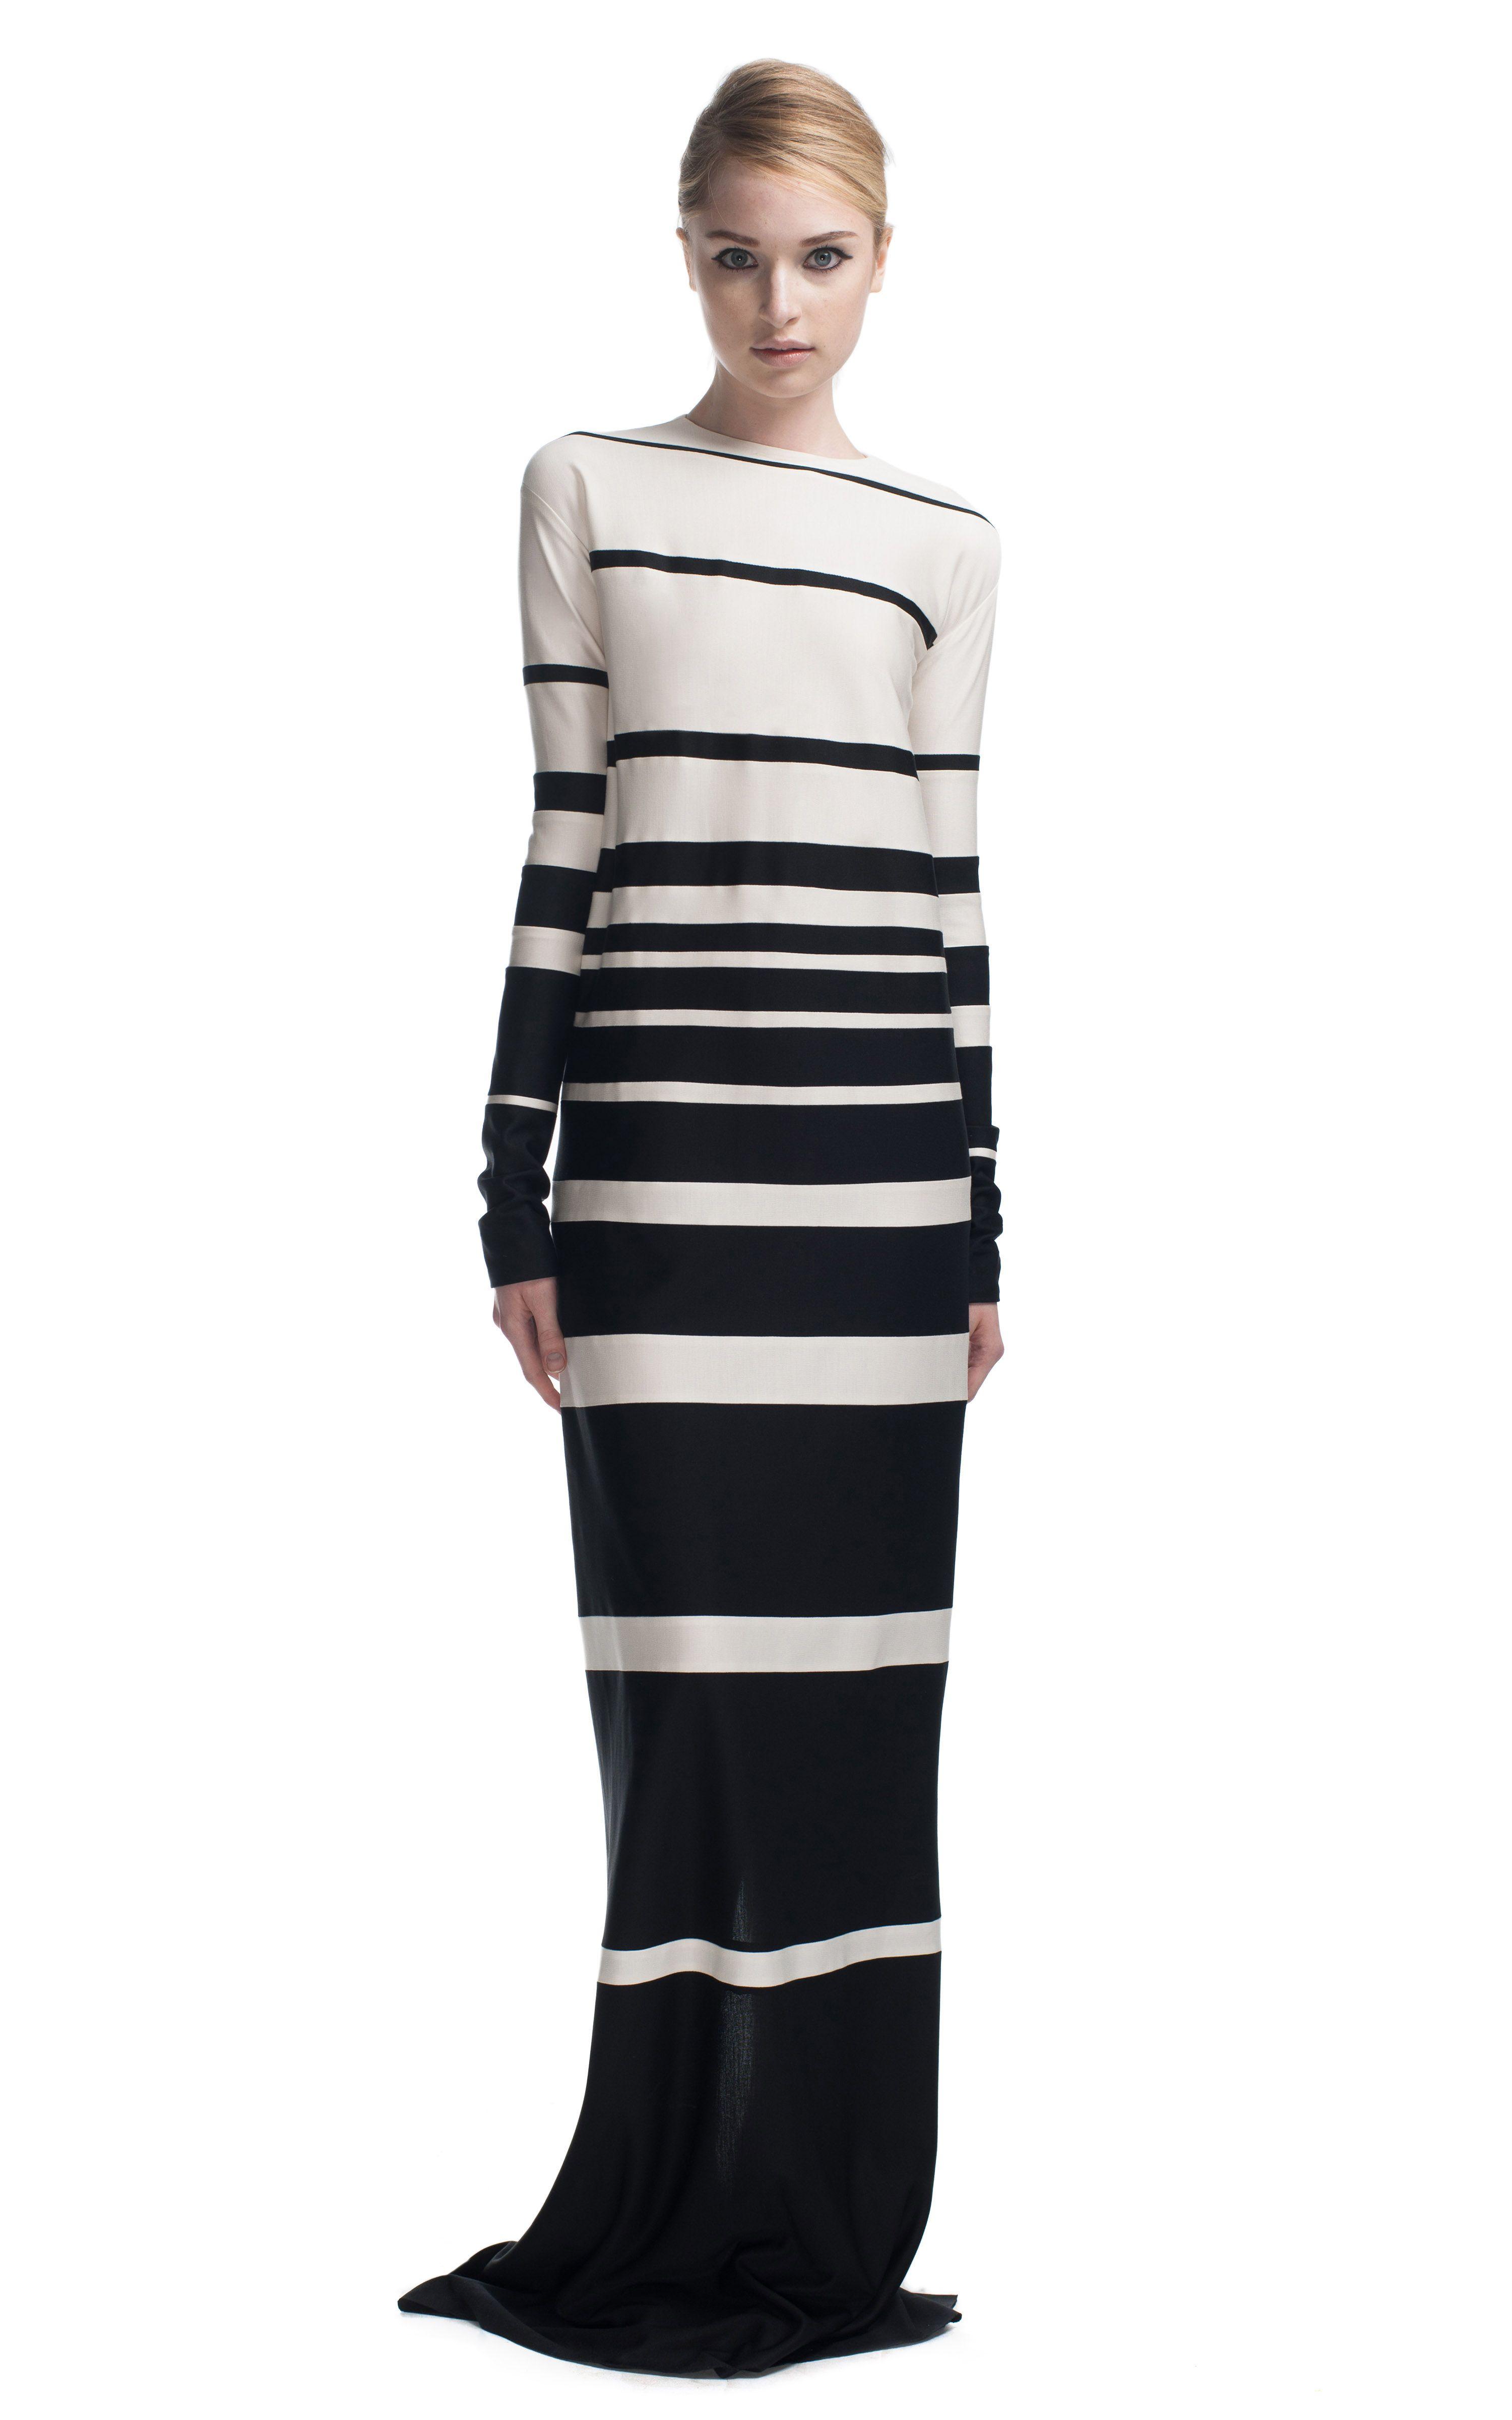 loving Marc Jacobs stripes this season.